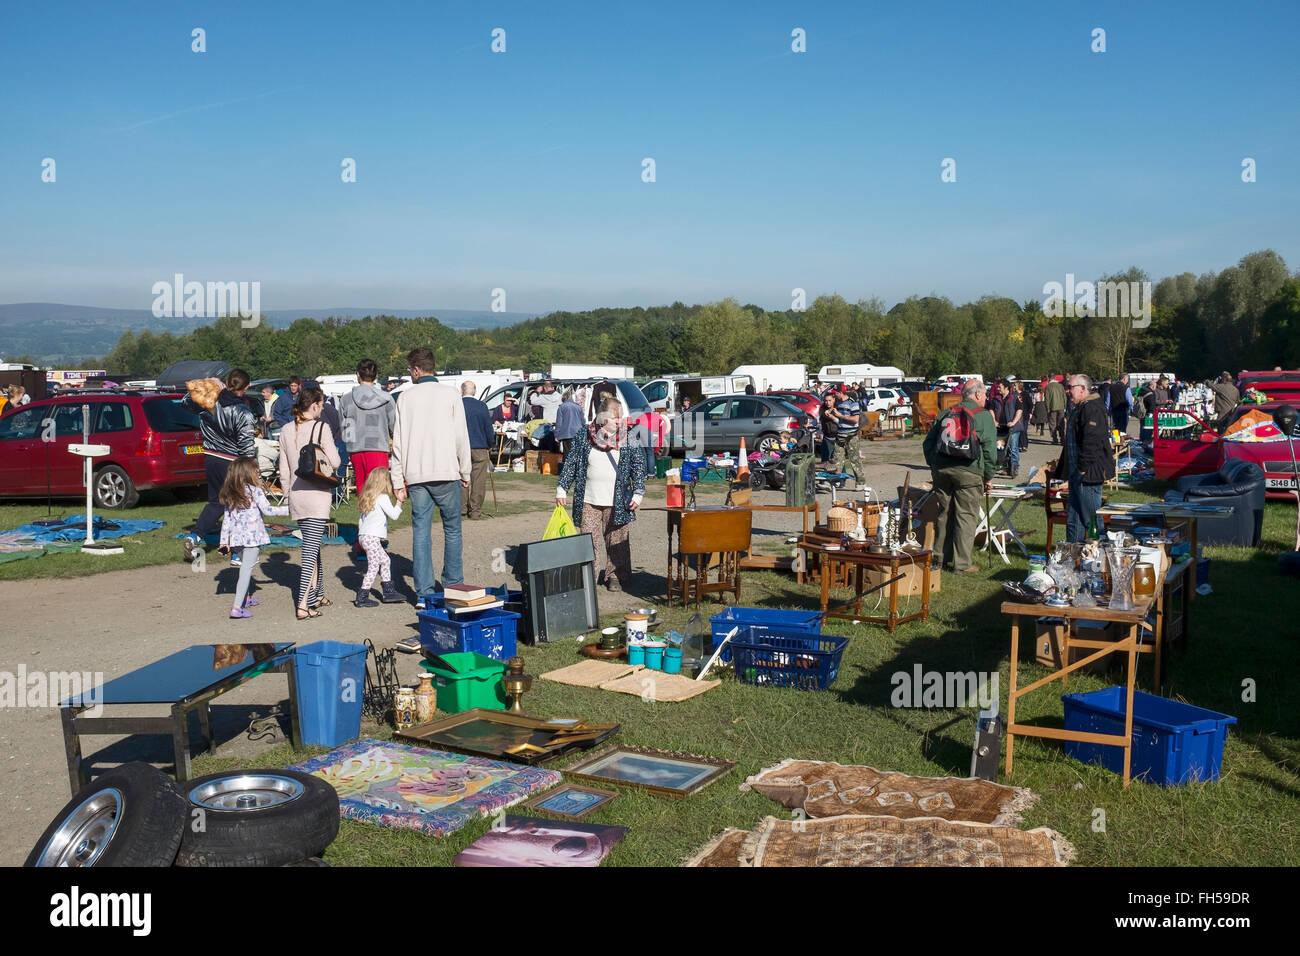 Les acheteurs et les vendeurs au dimanche Boofzheim Car Boot Sale dans le Nord du Pays de Galles UK Photo Stock